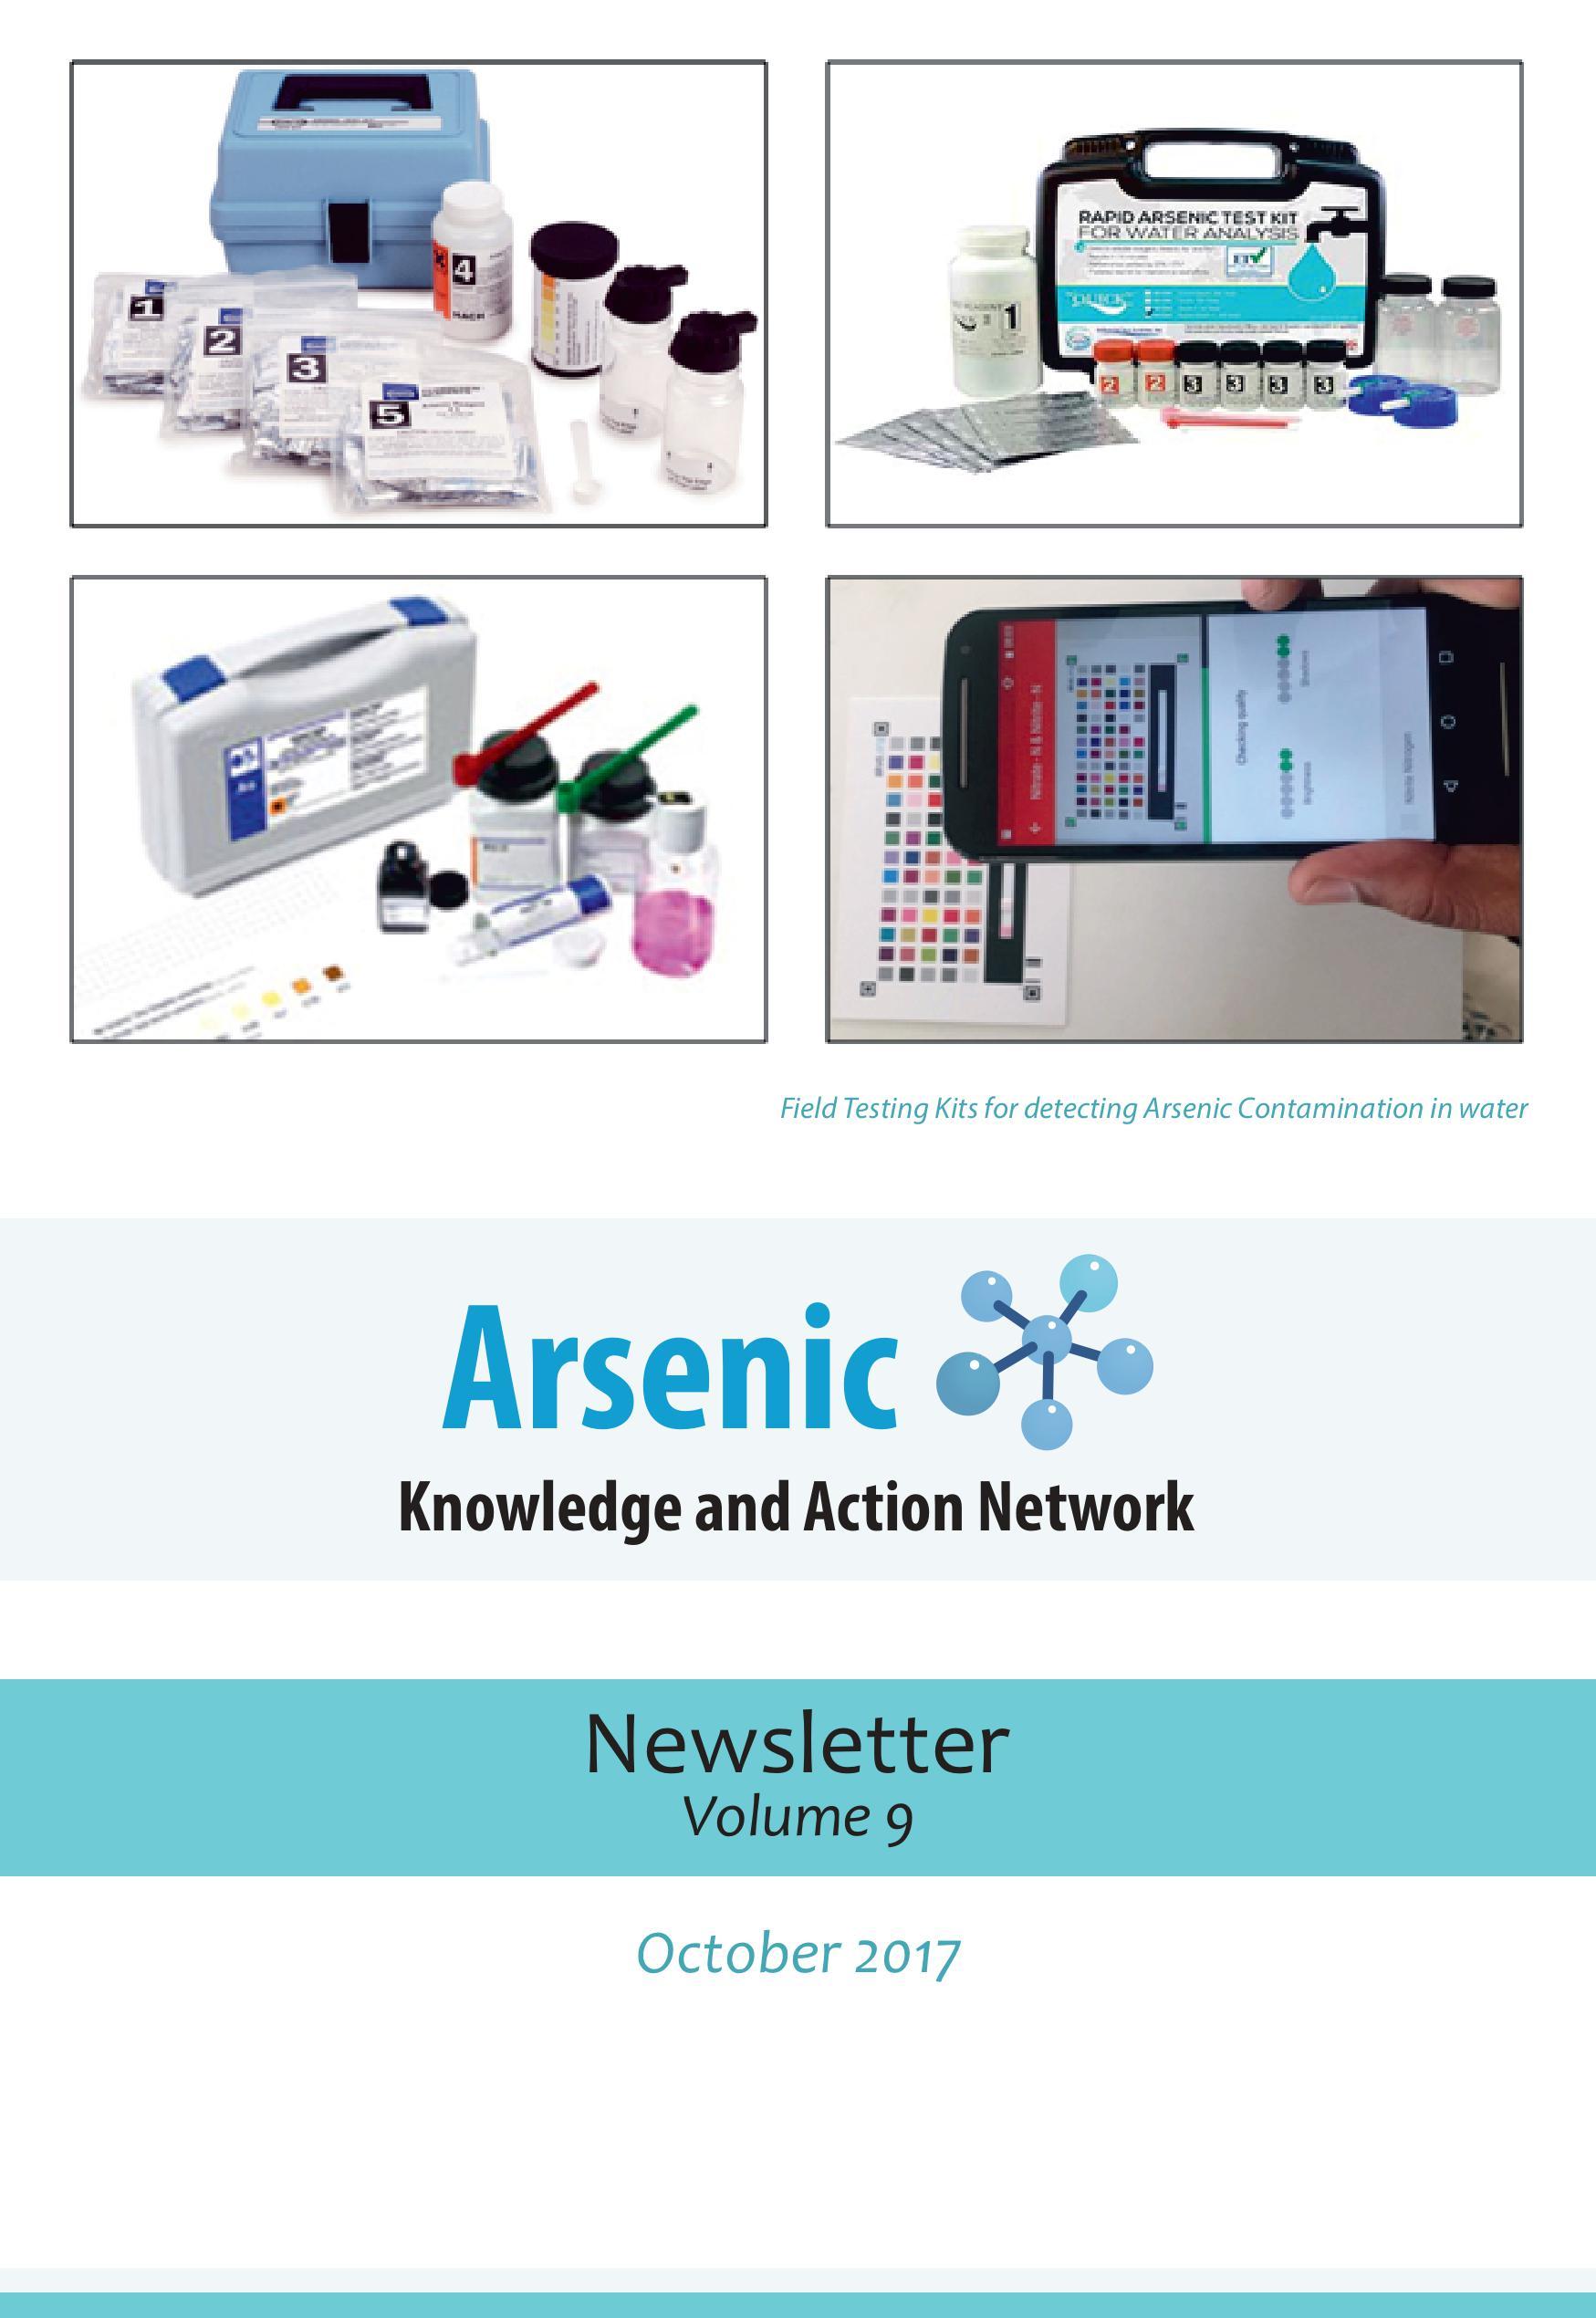 Newsletter Volume 9 – October 2017